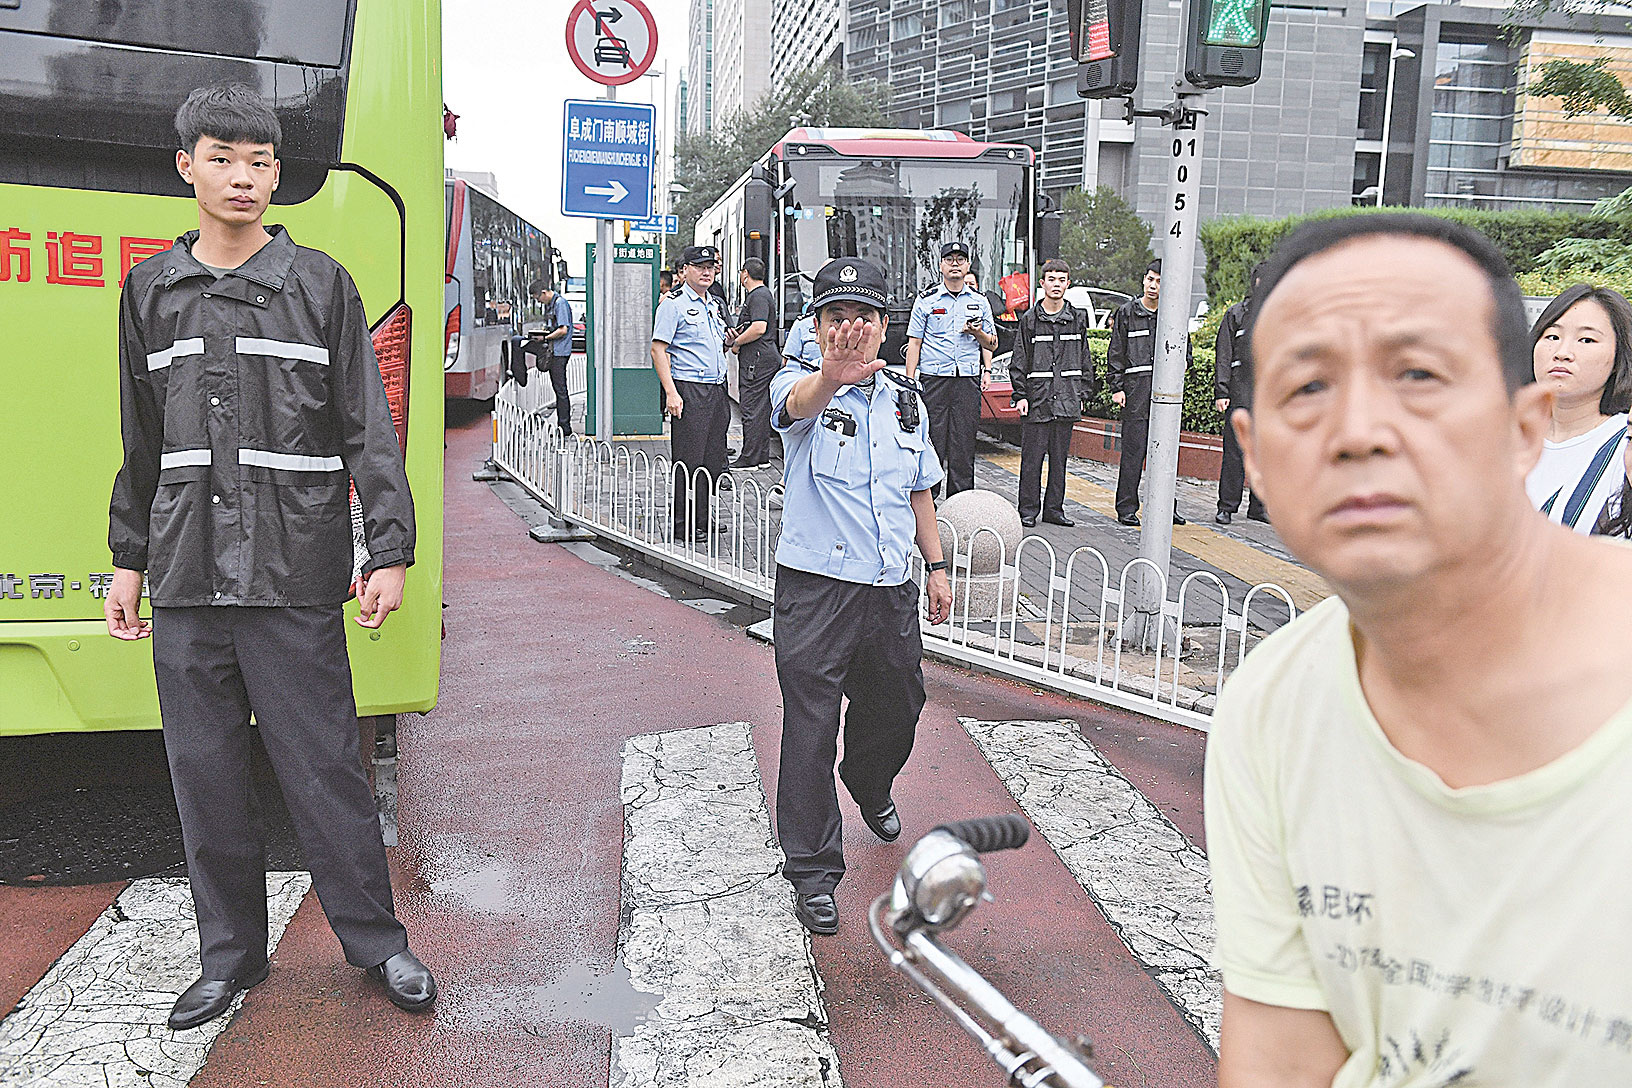 2018年8月6日,數百名警察進入北京金融區的街道,阻止P2P借貸平台維權民眾的抗議。(AFP / Getty Images)